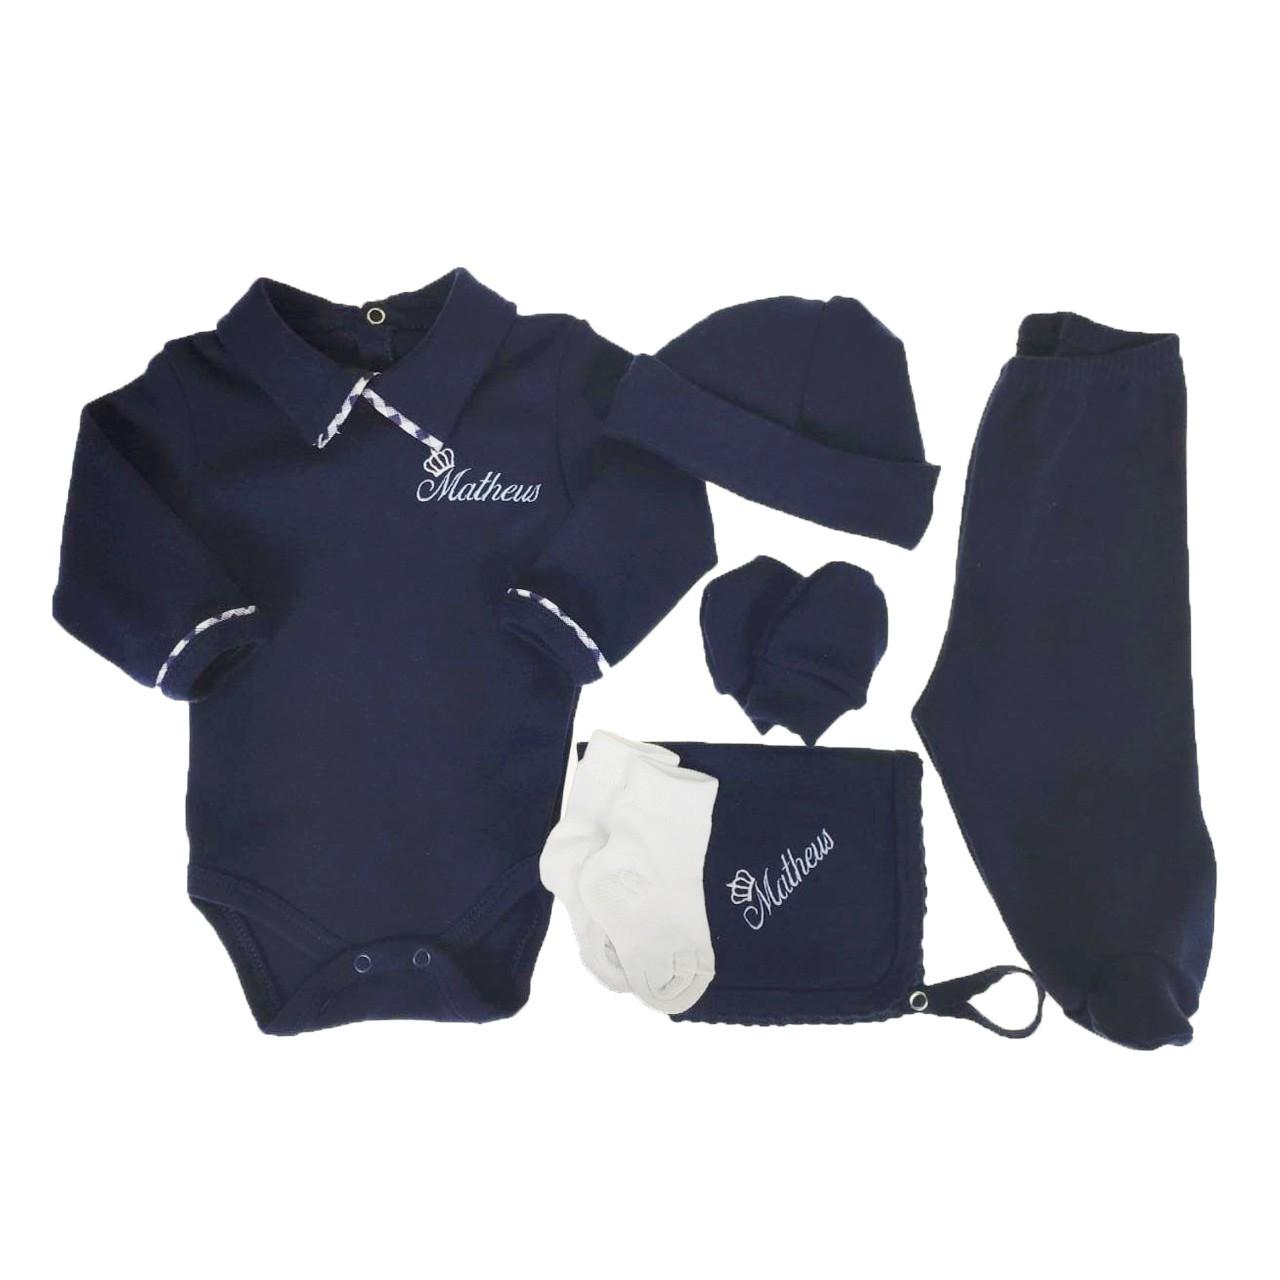 Kit Maternidade Azul Personalizado - 6 PEÇAS